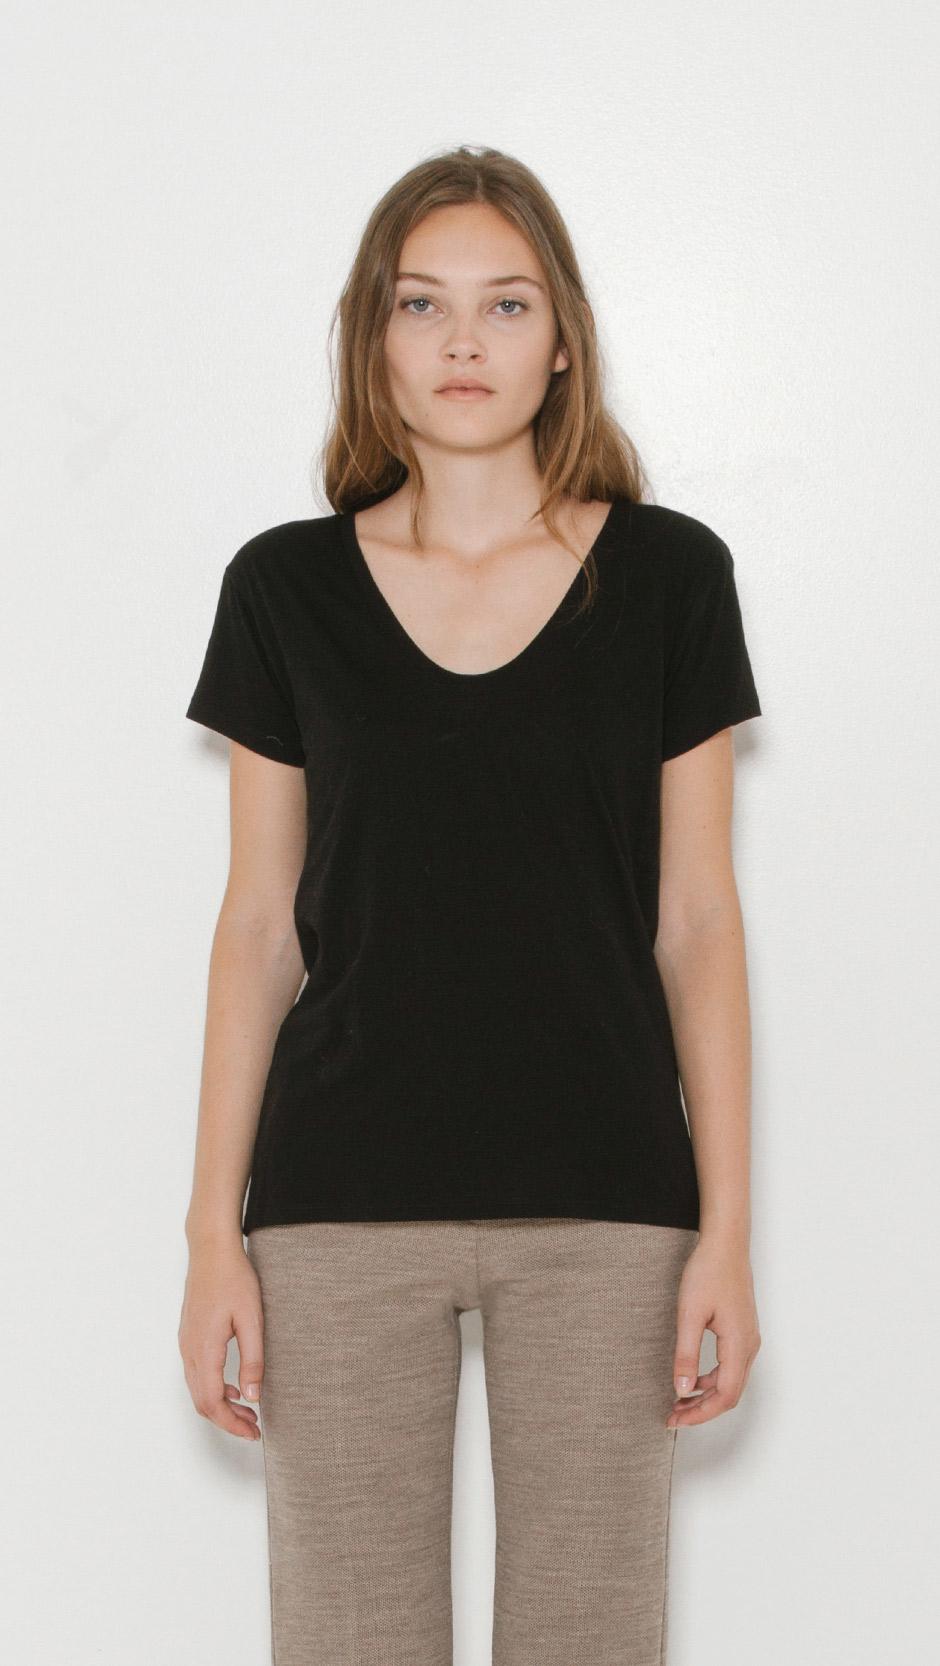 helmut lang scoop neck t shirt in black lyst. Black Bedroom Furniture Sets. Home Design Ideas